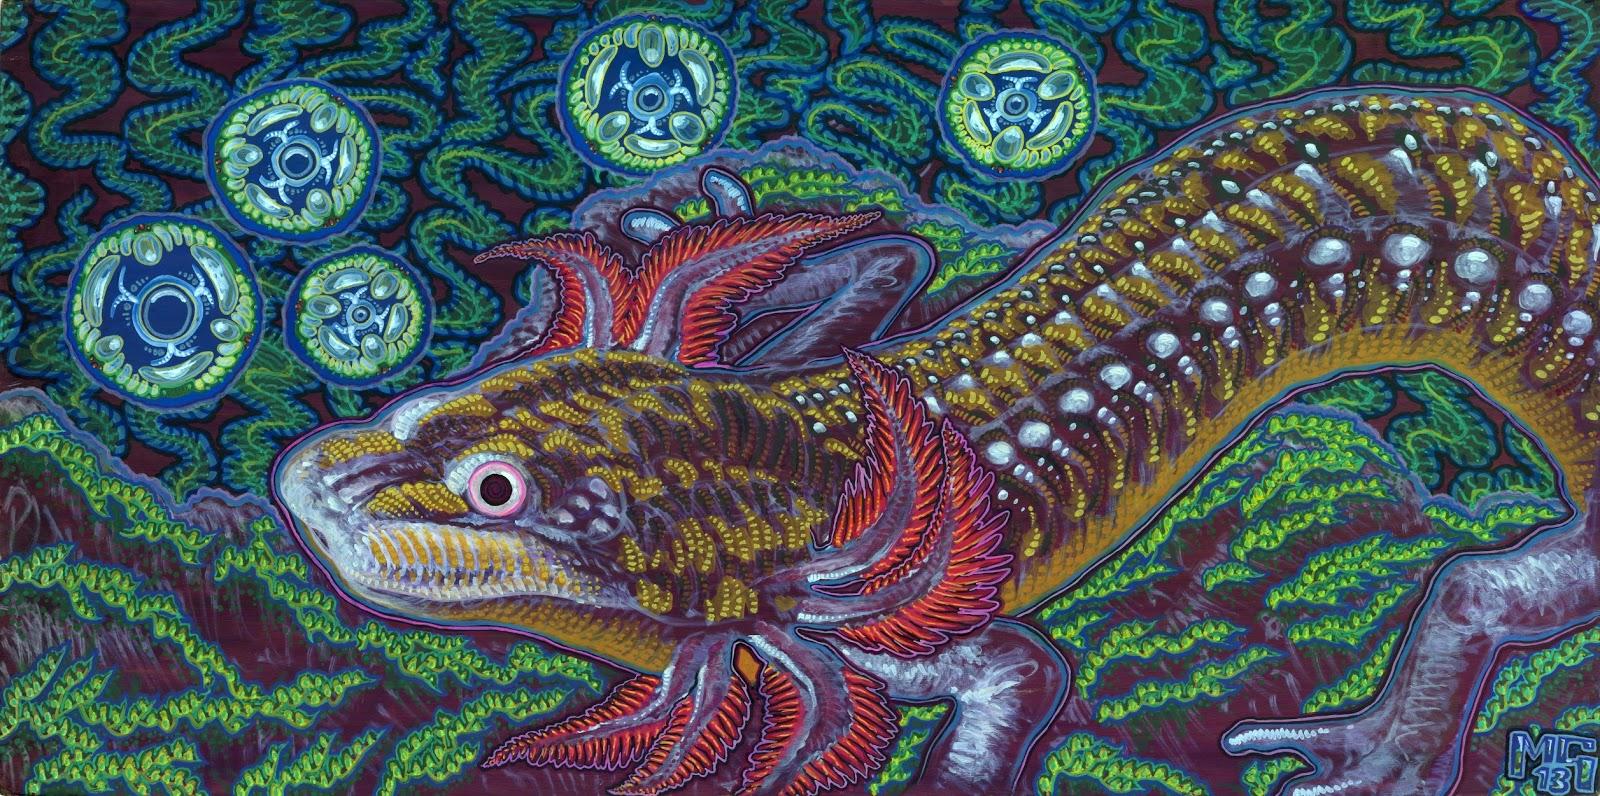 tatouage tribal salamandre - BNG Tattoo Tatouage Beautiful New Generation